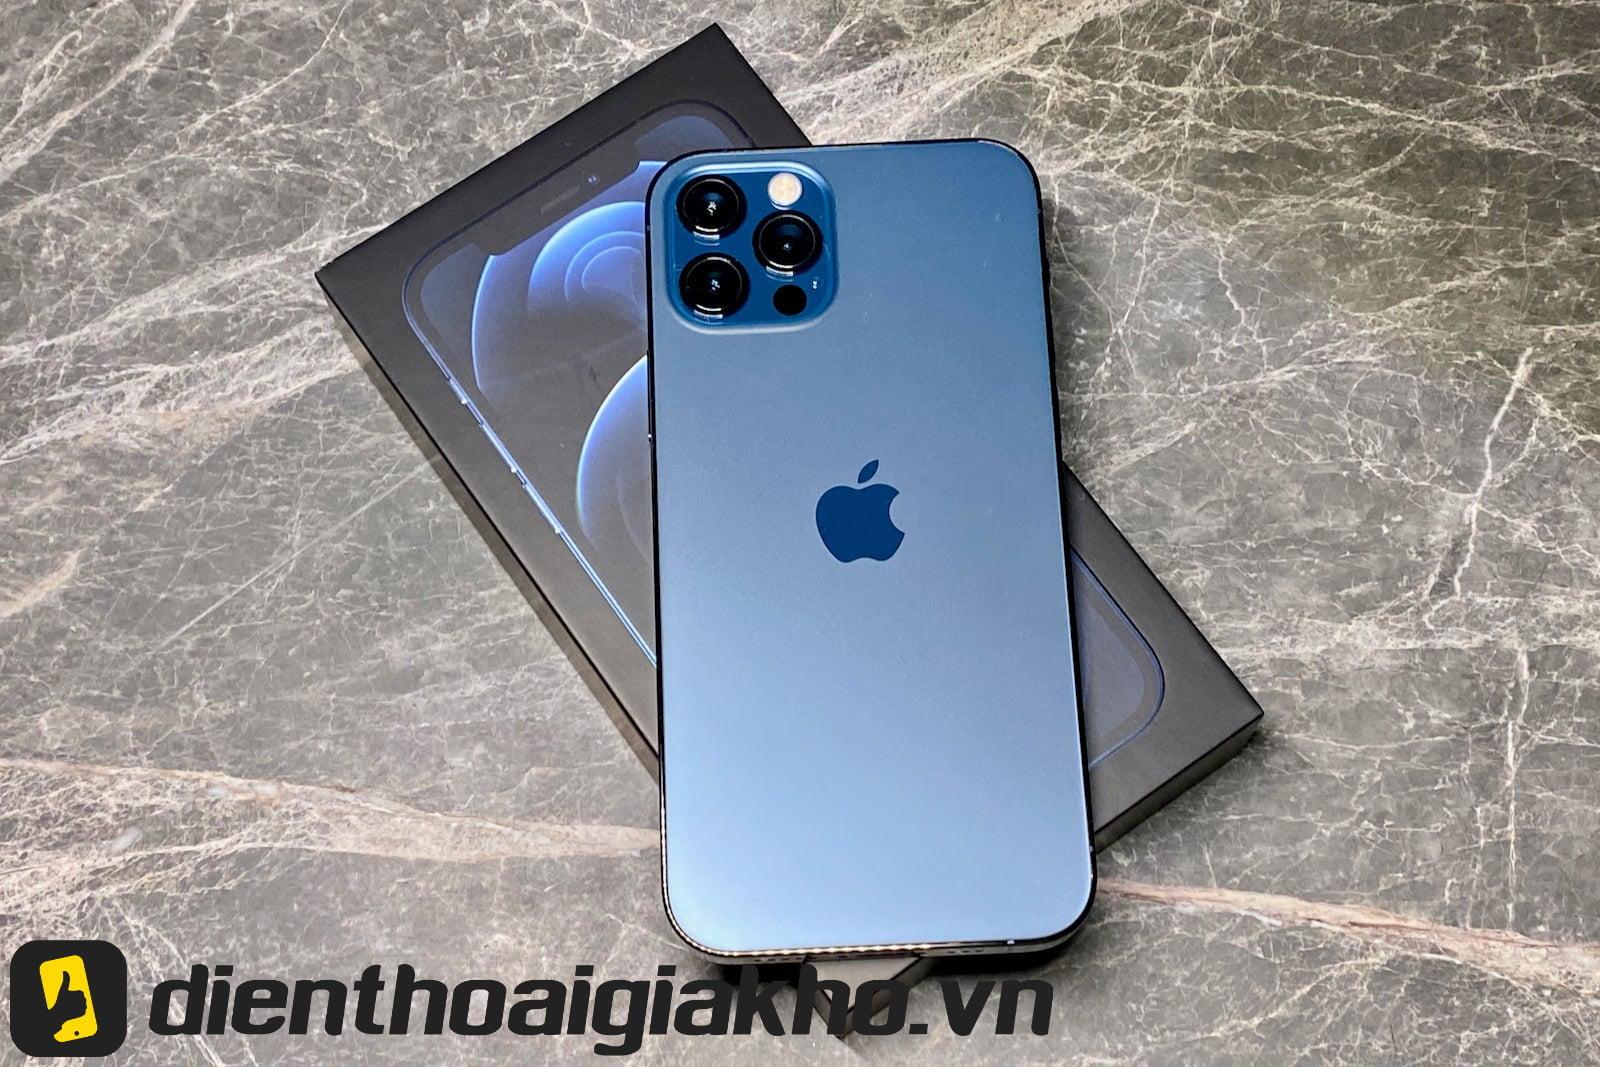 iPhone 12 Pro (128GB chính hãng) sở hữu hiệu suất đỉnh cao. Cũng nhờ được trang bị chip A14 Bionic gần như ngang bằng với iPad Air.